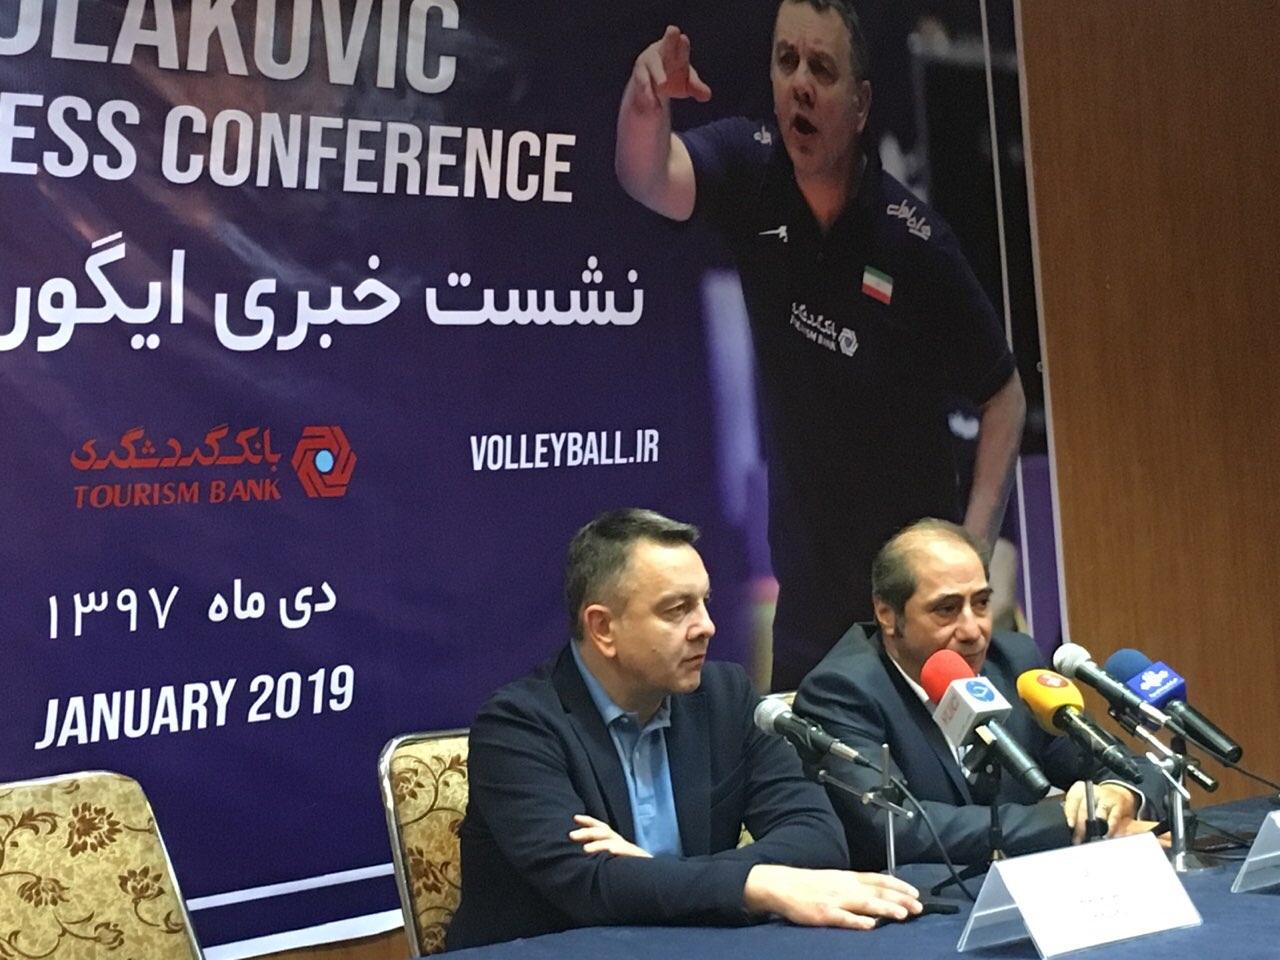 کولاکوویچ: از ضیایی بپرسید چرا من را نمیخواست/ برنامه فشردهای پیش روی تیم ملی والیبال است